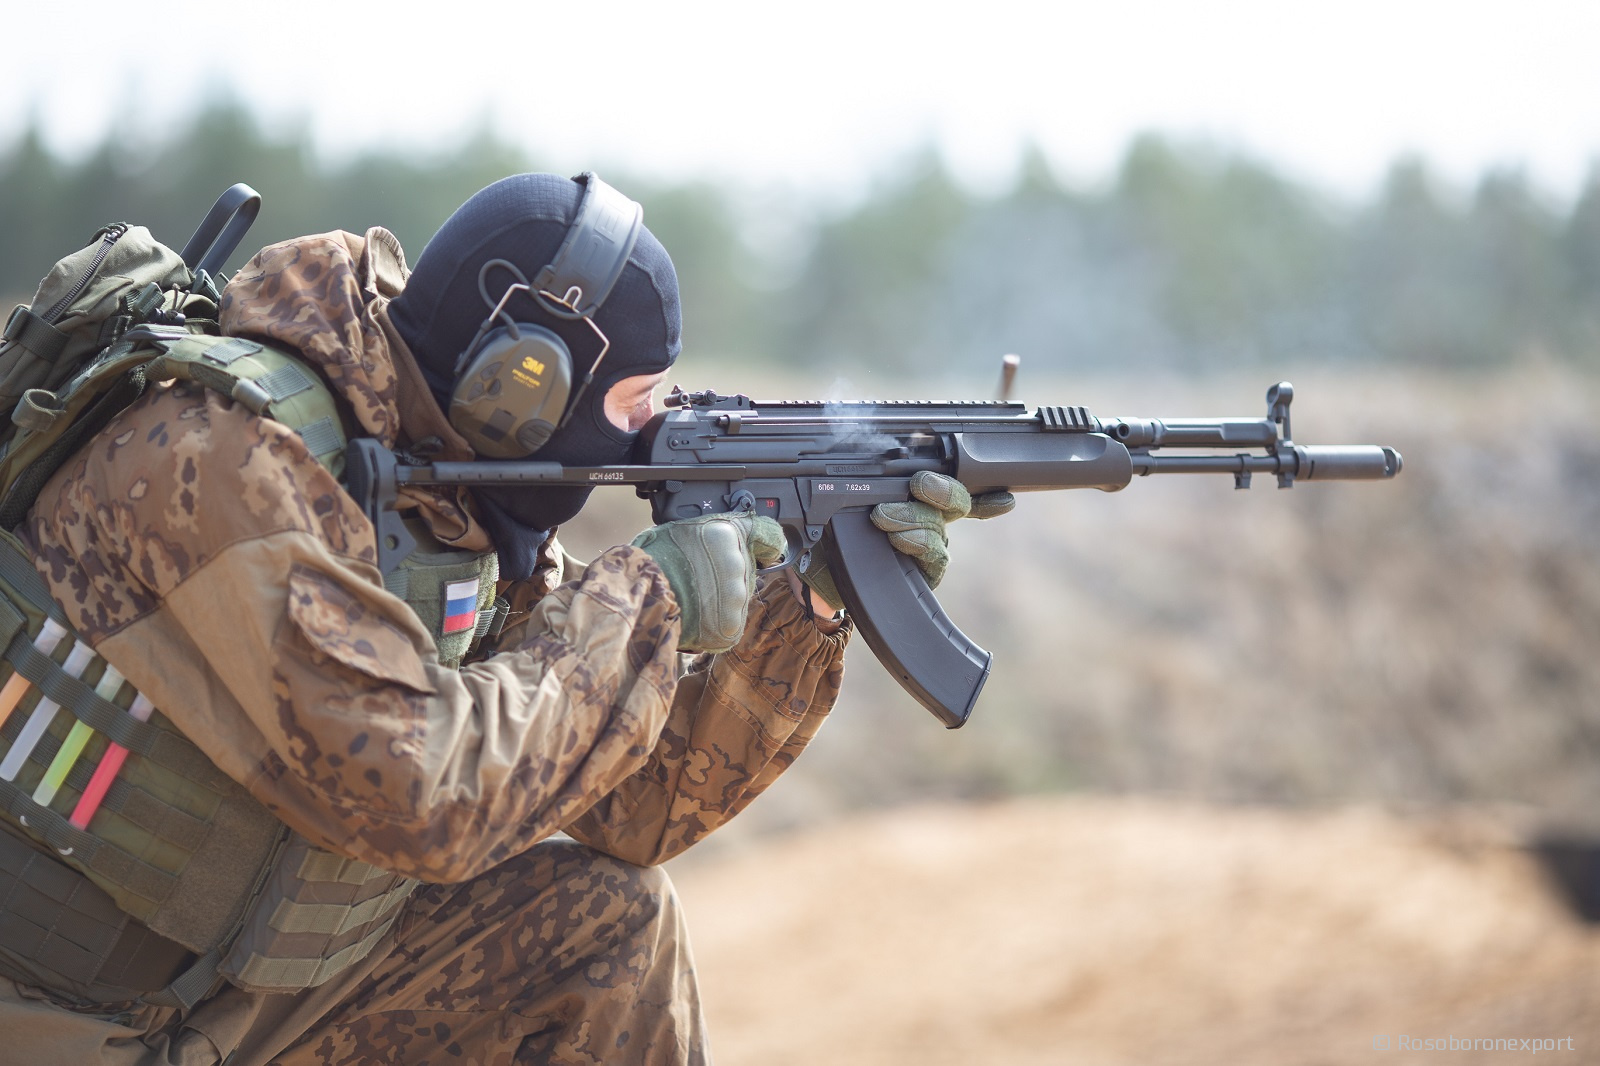 Russian Assault Rifles/Carbines/Machine Guns Thread: #2 - Page 10 314ba4a8b34eda675b9ba676710c80fa